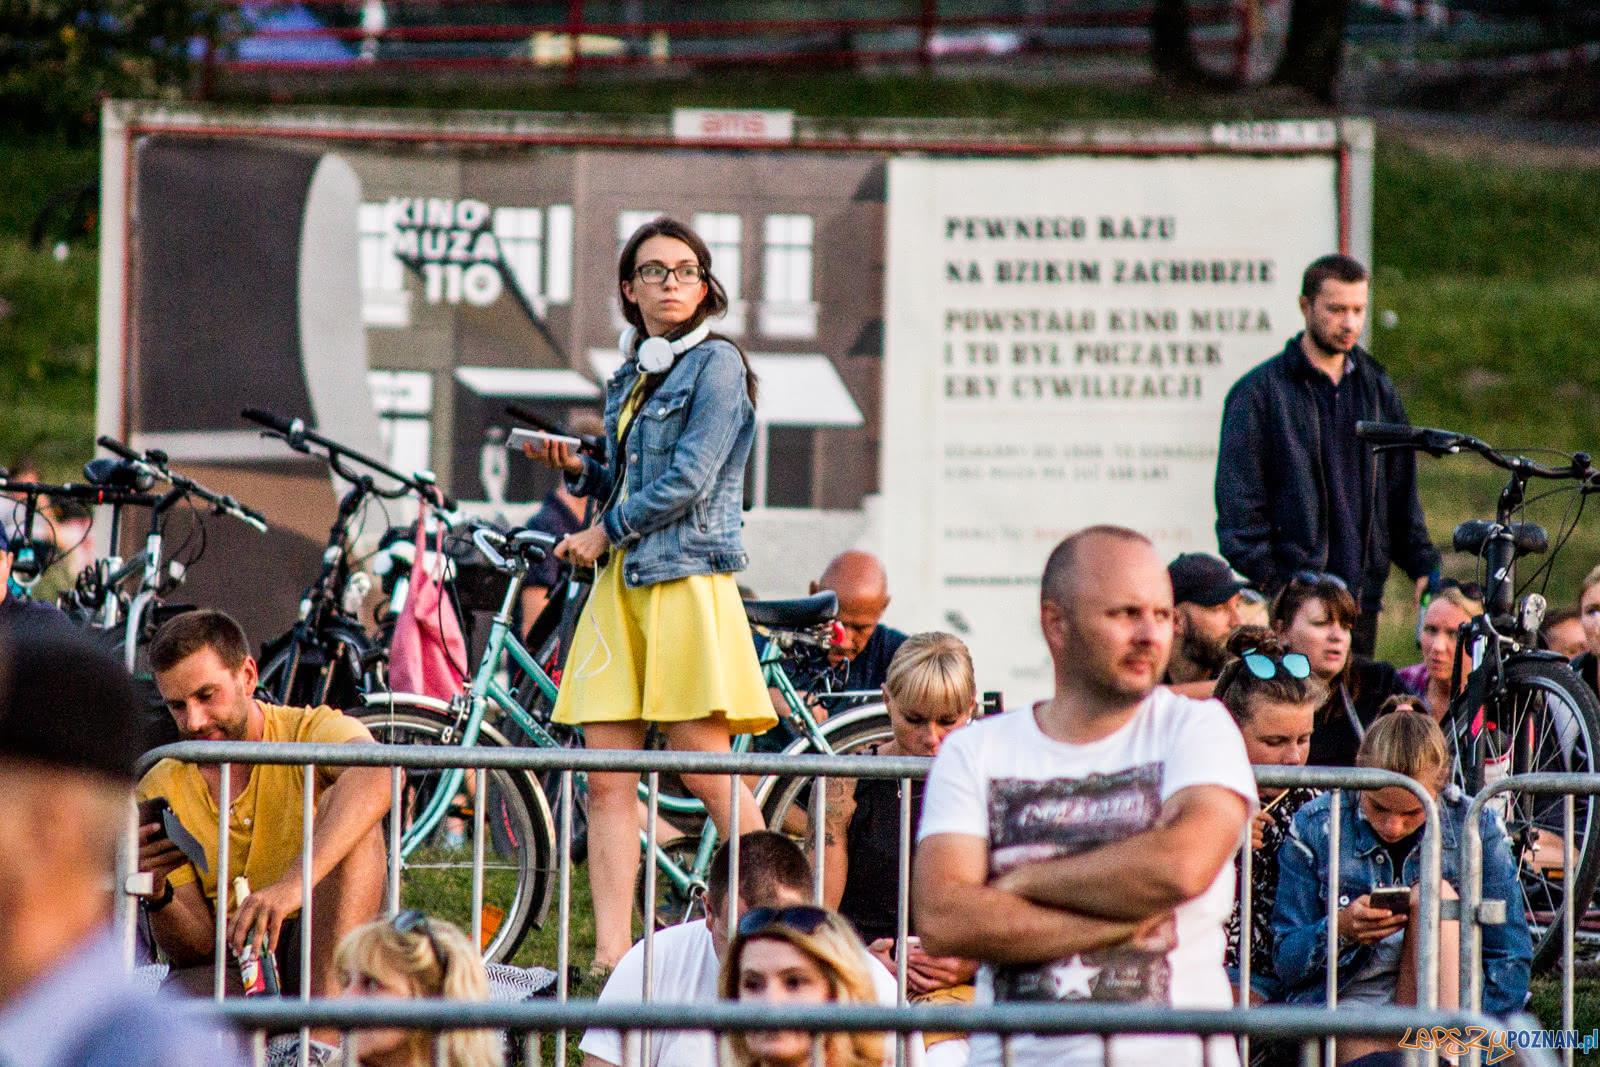 Barbara Wrońska #NaFalach  Foto: lepszyPOZNAN.pl / Ewelina Jaśkowiak